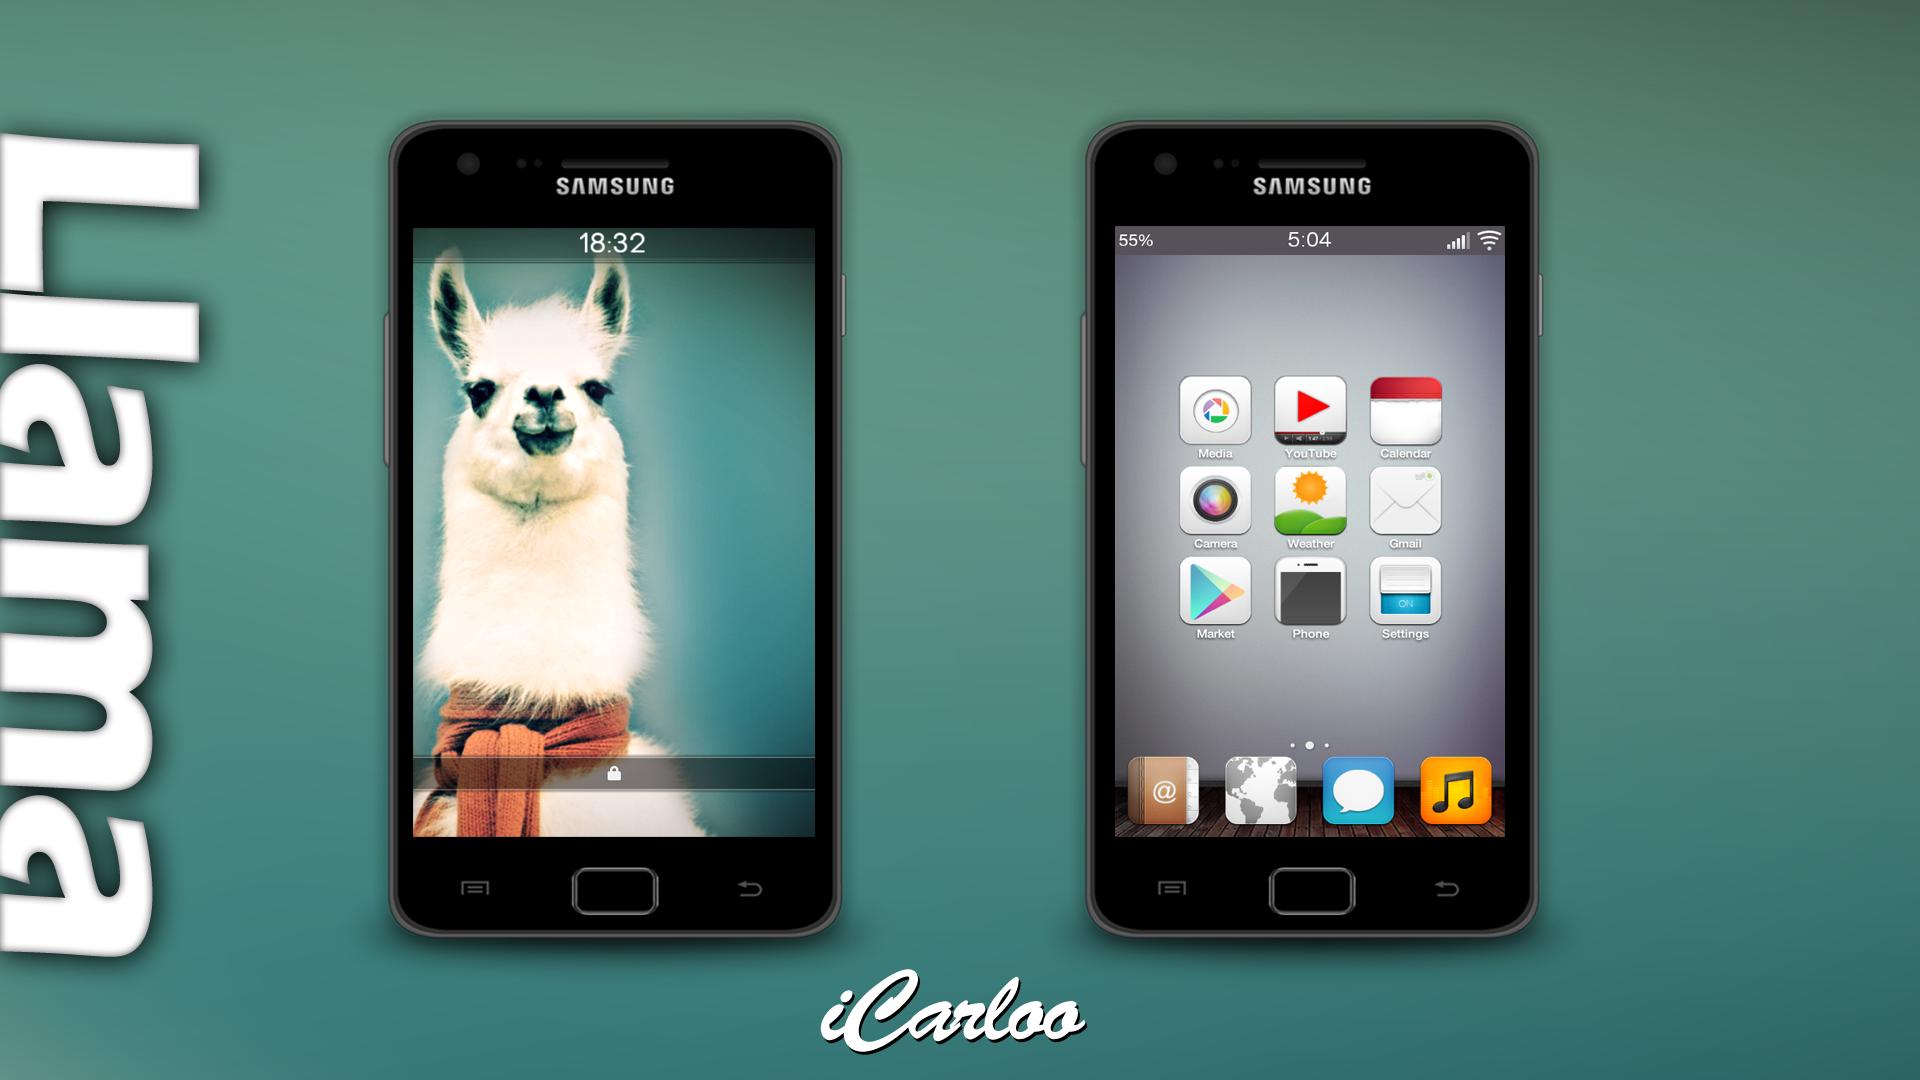 Llama by iCarloo